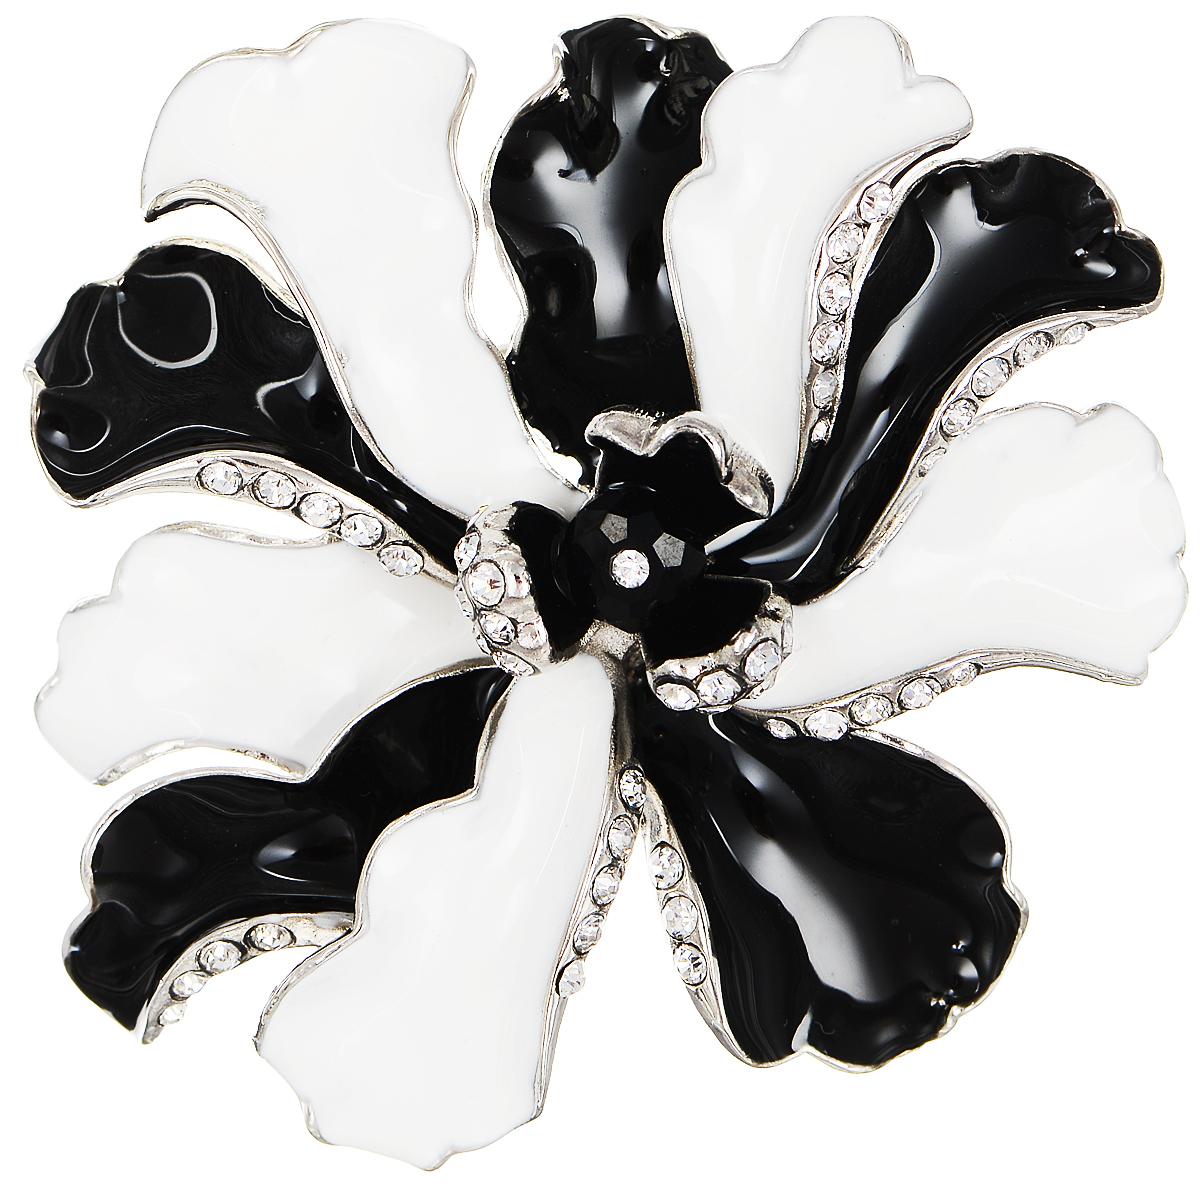 Брошь Selena Street Fashion, цвет: серебристый, белый, черный. 3002706030027060Роскошная брошь Selena Street Fashion изготовлена из латуни с родиевым покрытием в виде цветка. Брошь покрыта эмалью и оформлена кристаллами Preciosa. Изделие крепится с помощью замка-булавки. Такая брошь позволит вам с легкостью воплотить самую смелую фантазию и создать собственный неповторимый образ.